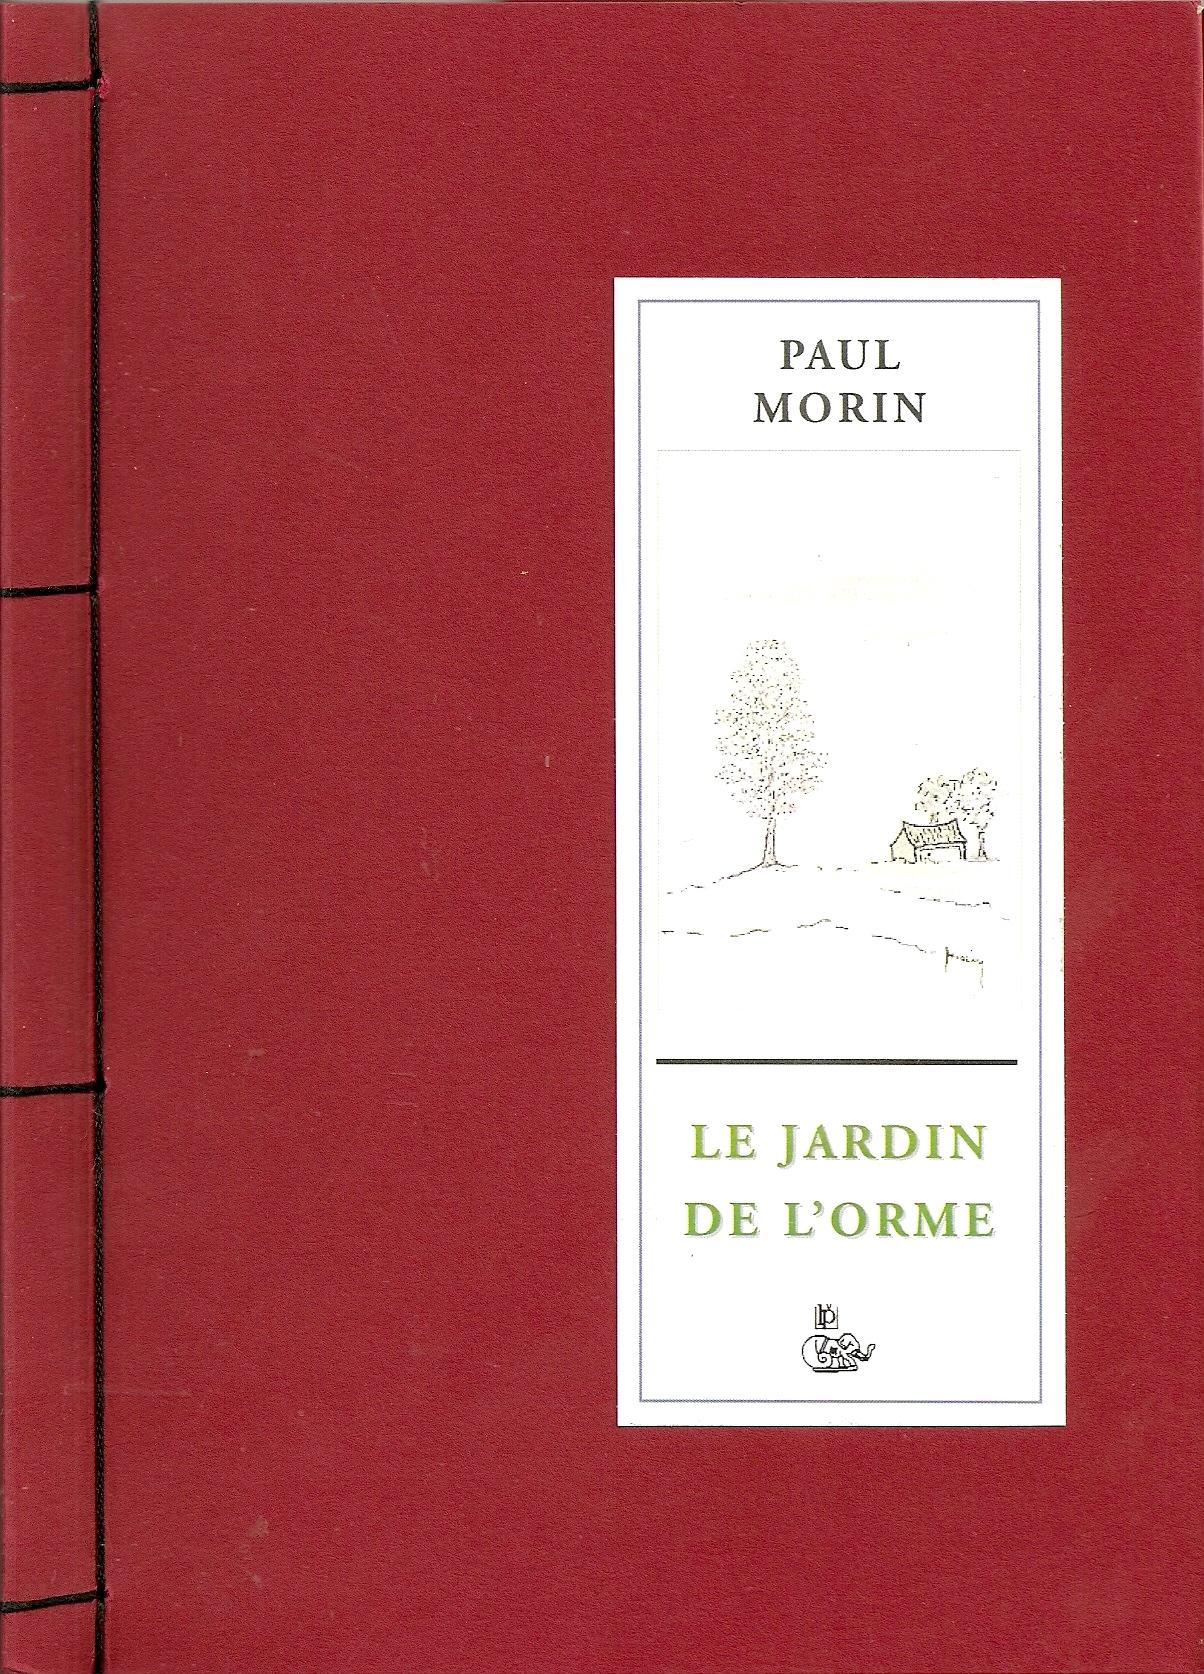 Paul Morin, Le Jardin de l'orme, éditions du Petit Véhicule, Nantes, 2012, 15 euros